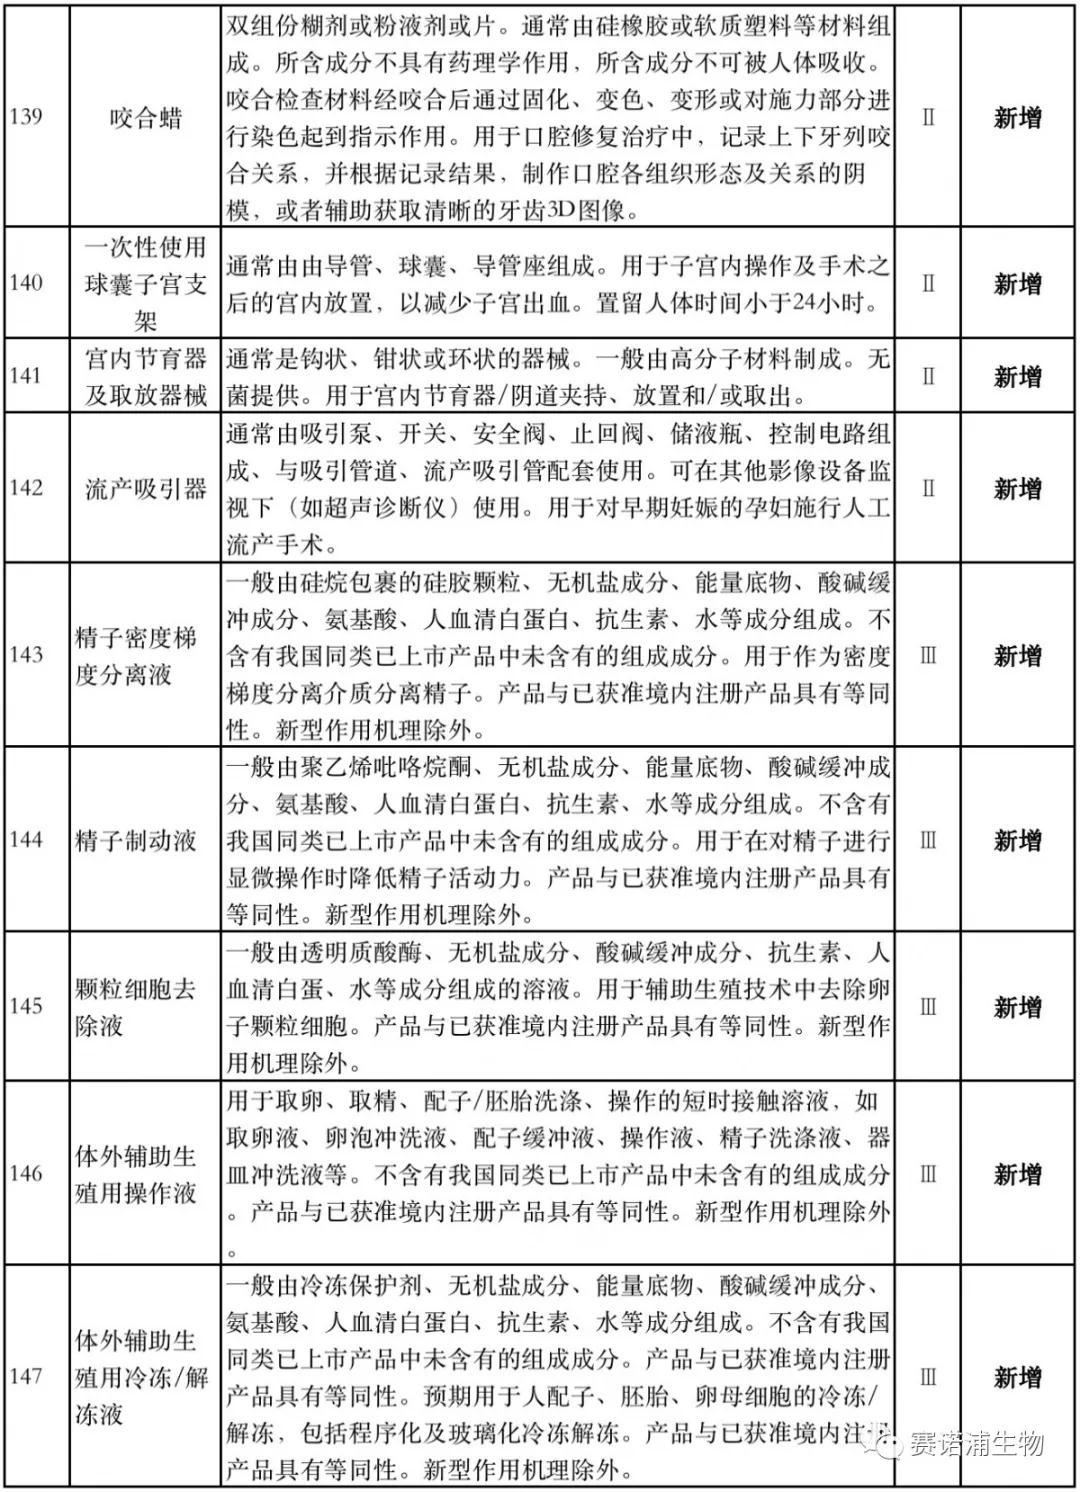 国家药监局:豁免1400种医械临床试验(IVD产品位列其中),影响大批医械企业 !